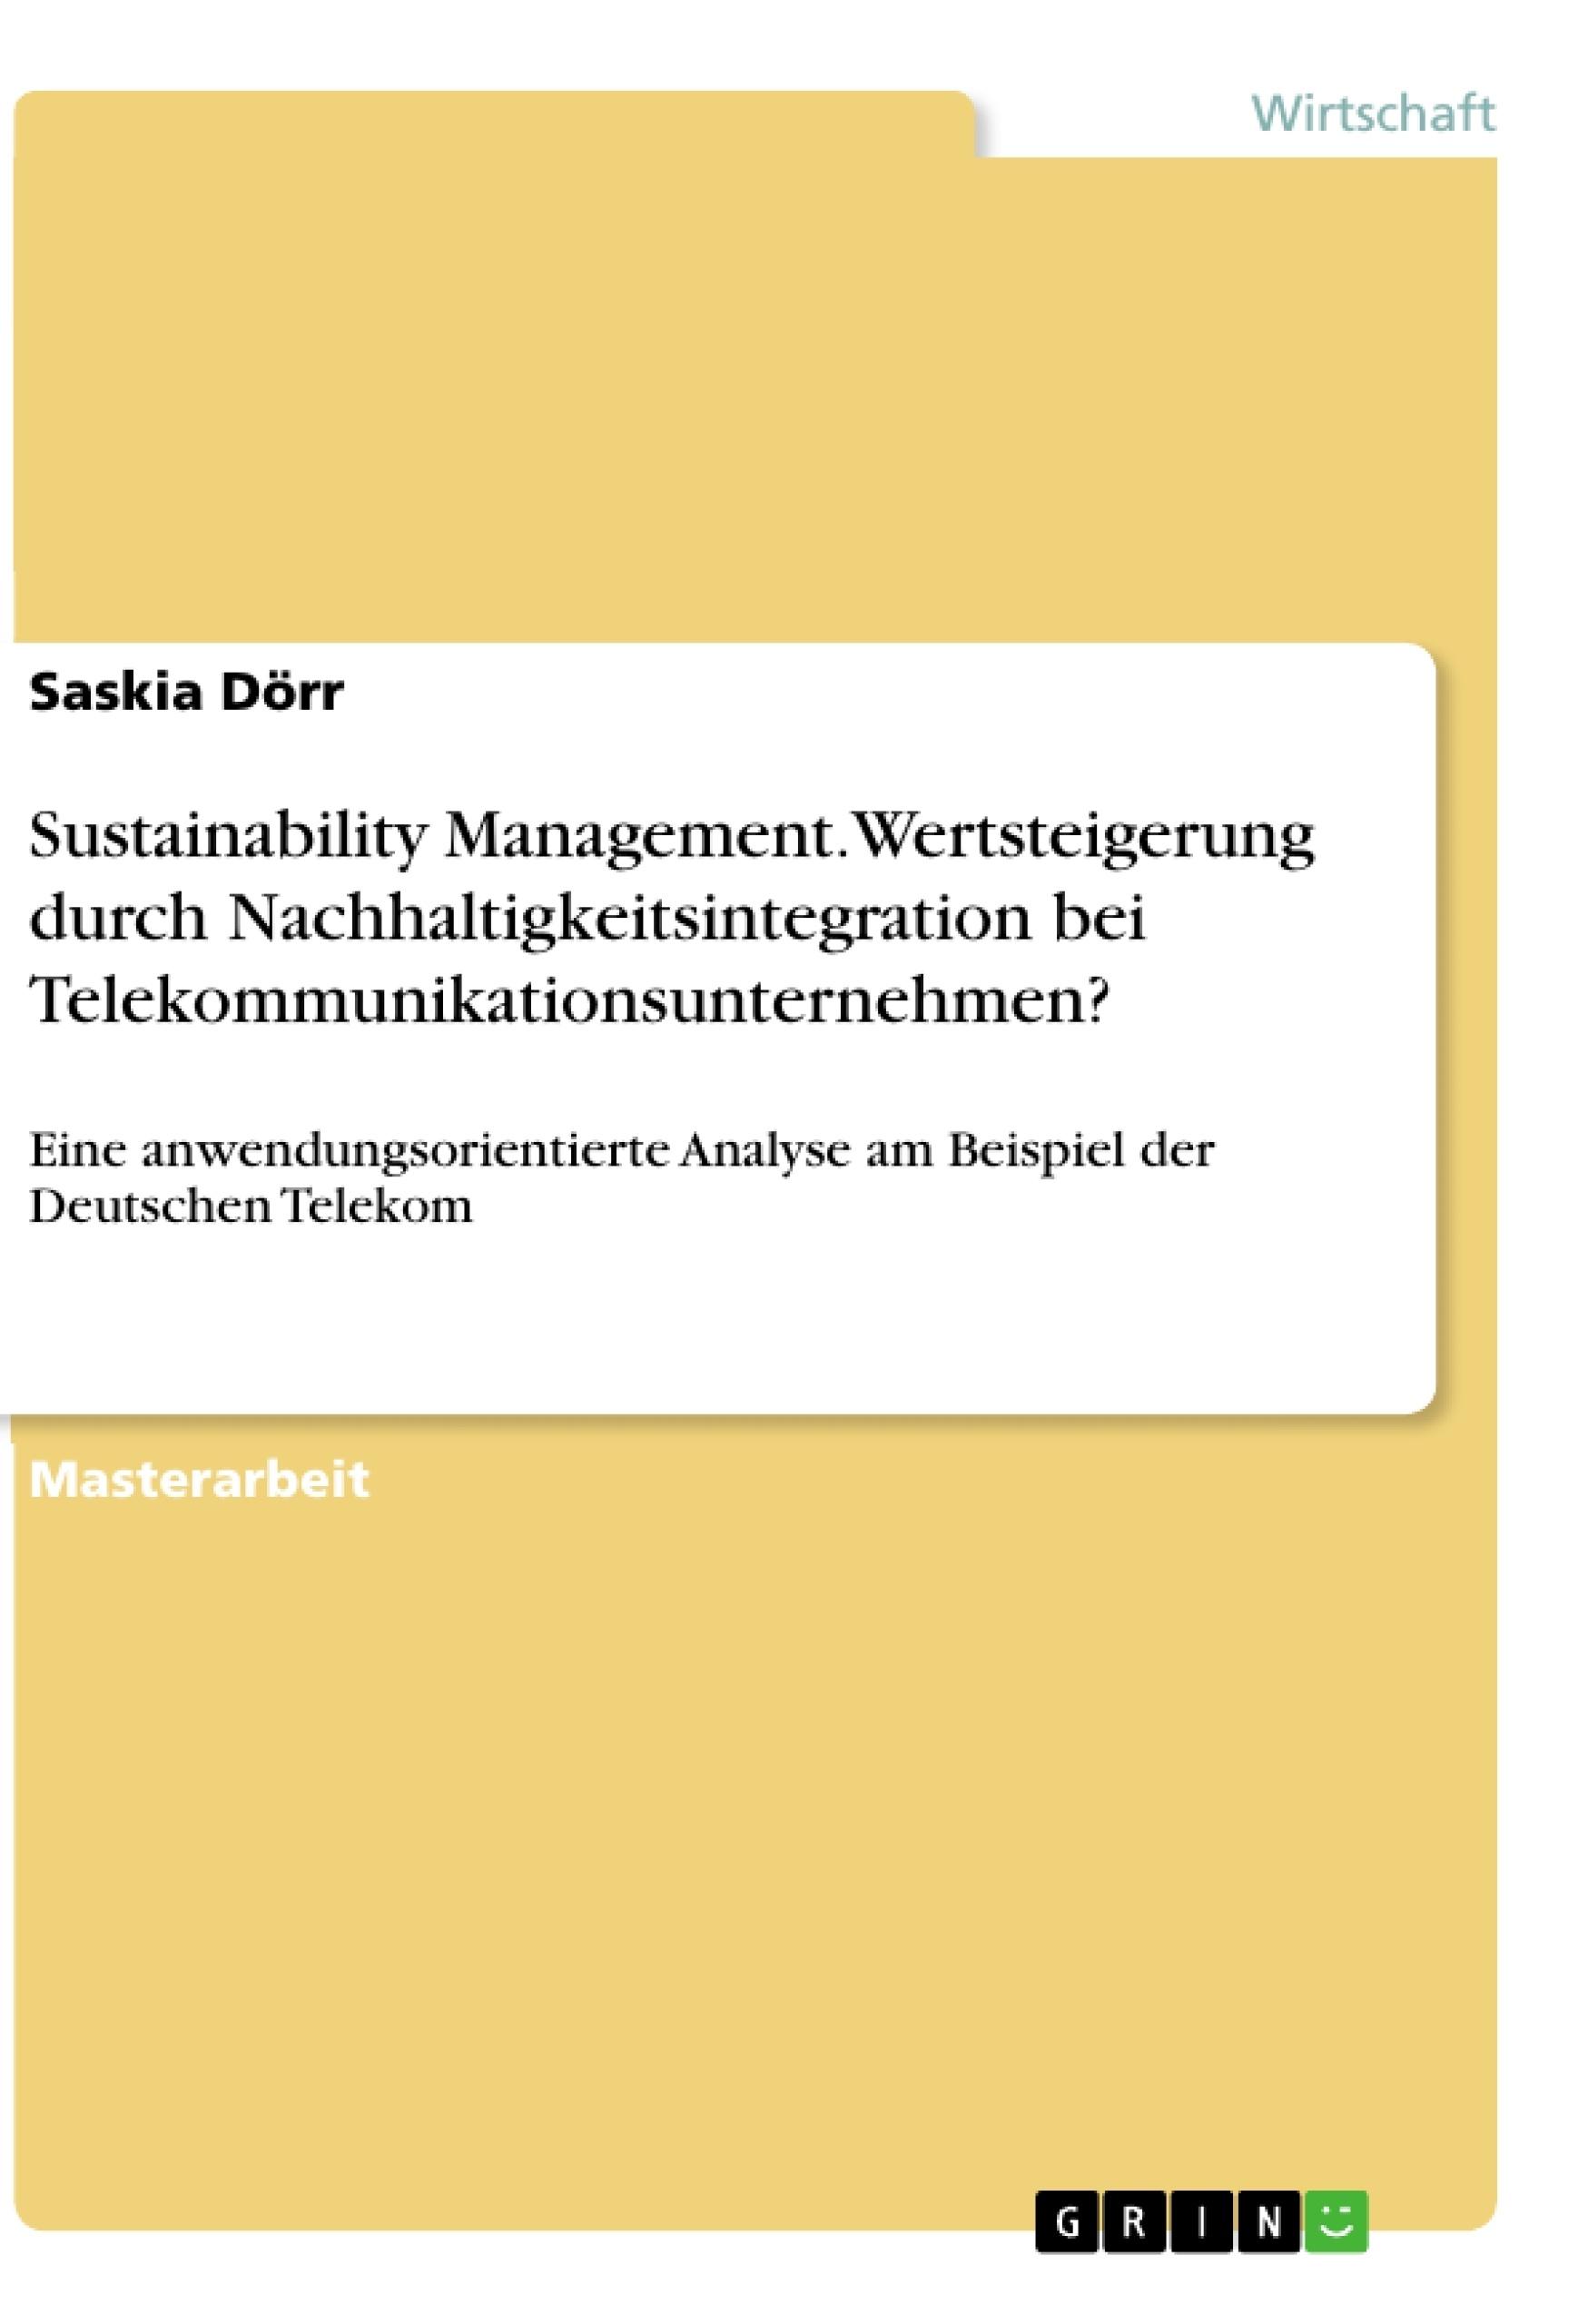 Titel: Sustainability Management. Wertsteigerung durch Nachhaltigkeitsintegration bei Telekommunikationsunternehmen?